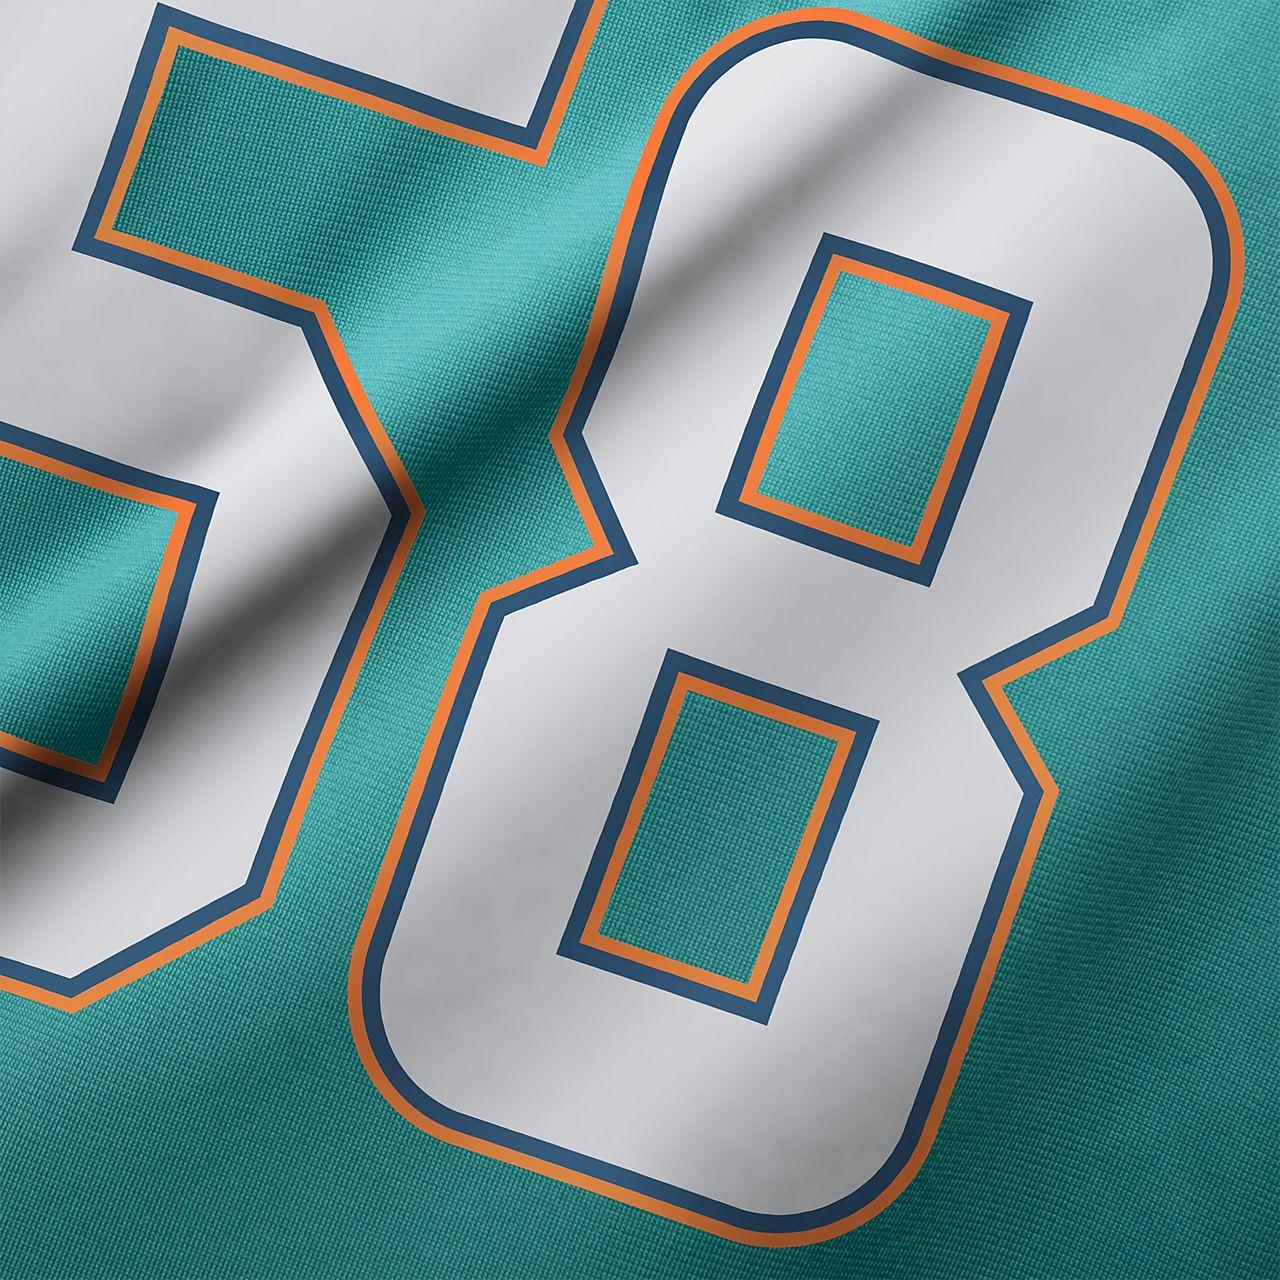 ... Maglia da football americano NFL Miami Dolphins (Ryan Tannehill) Home  Game - Uomo bd464895d69f0